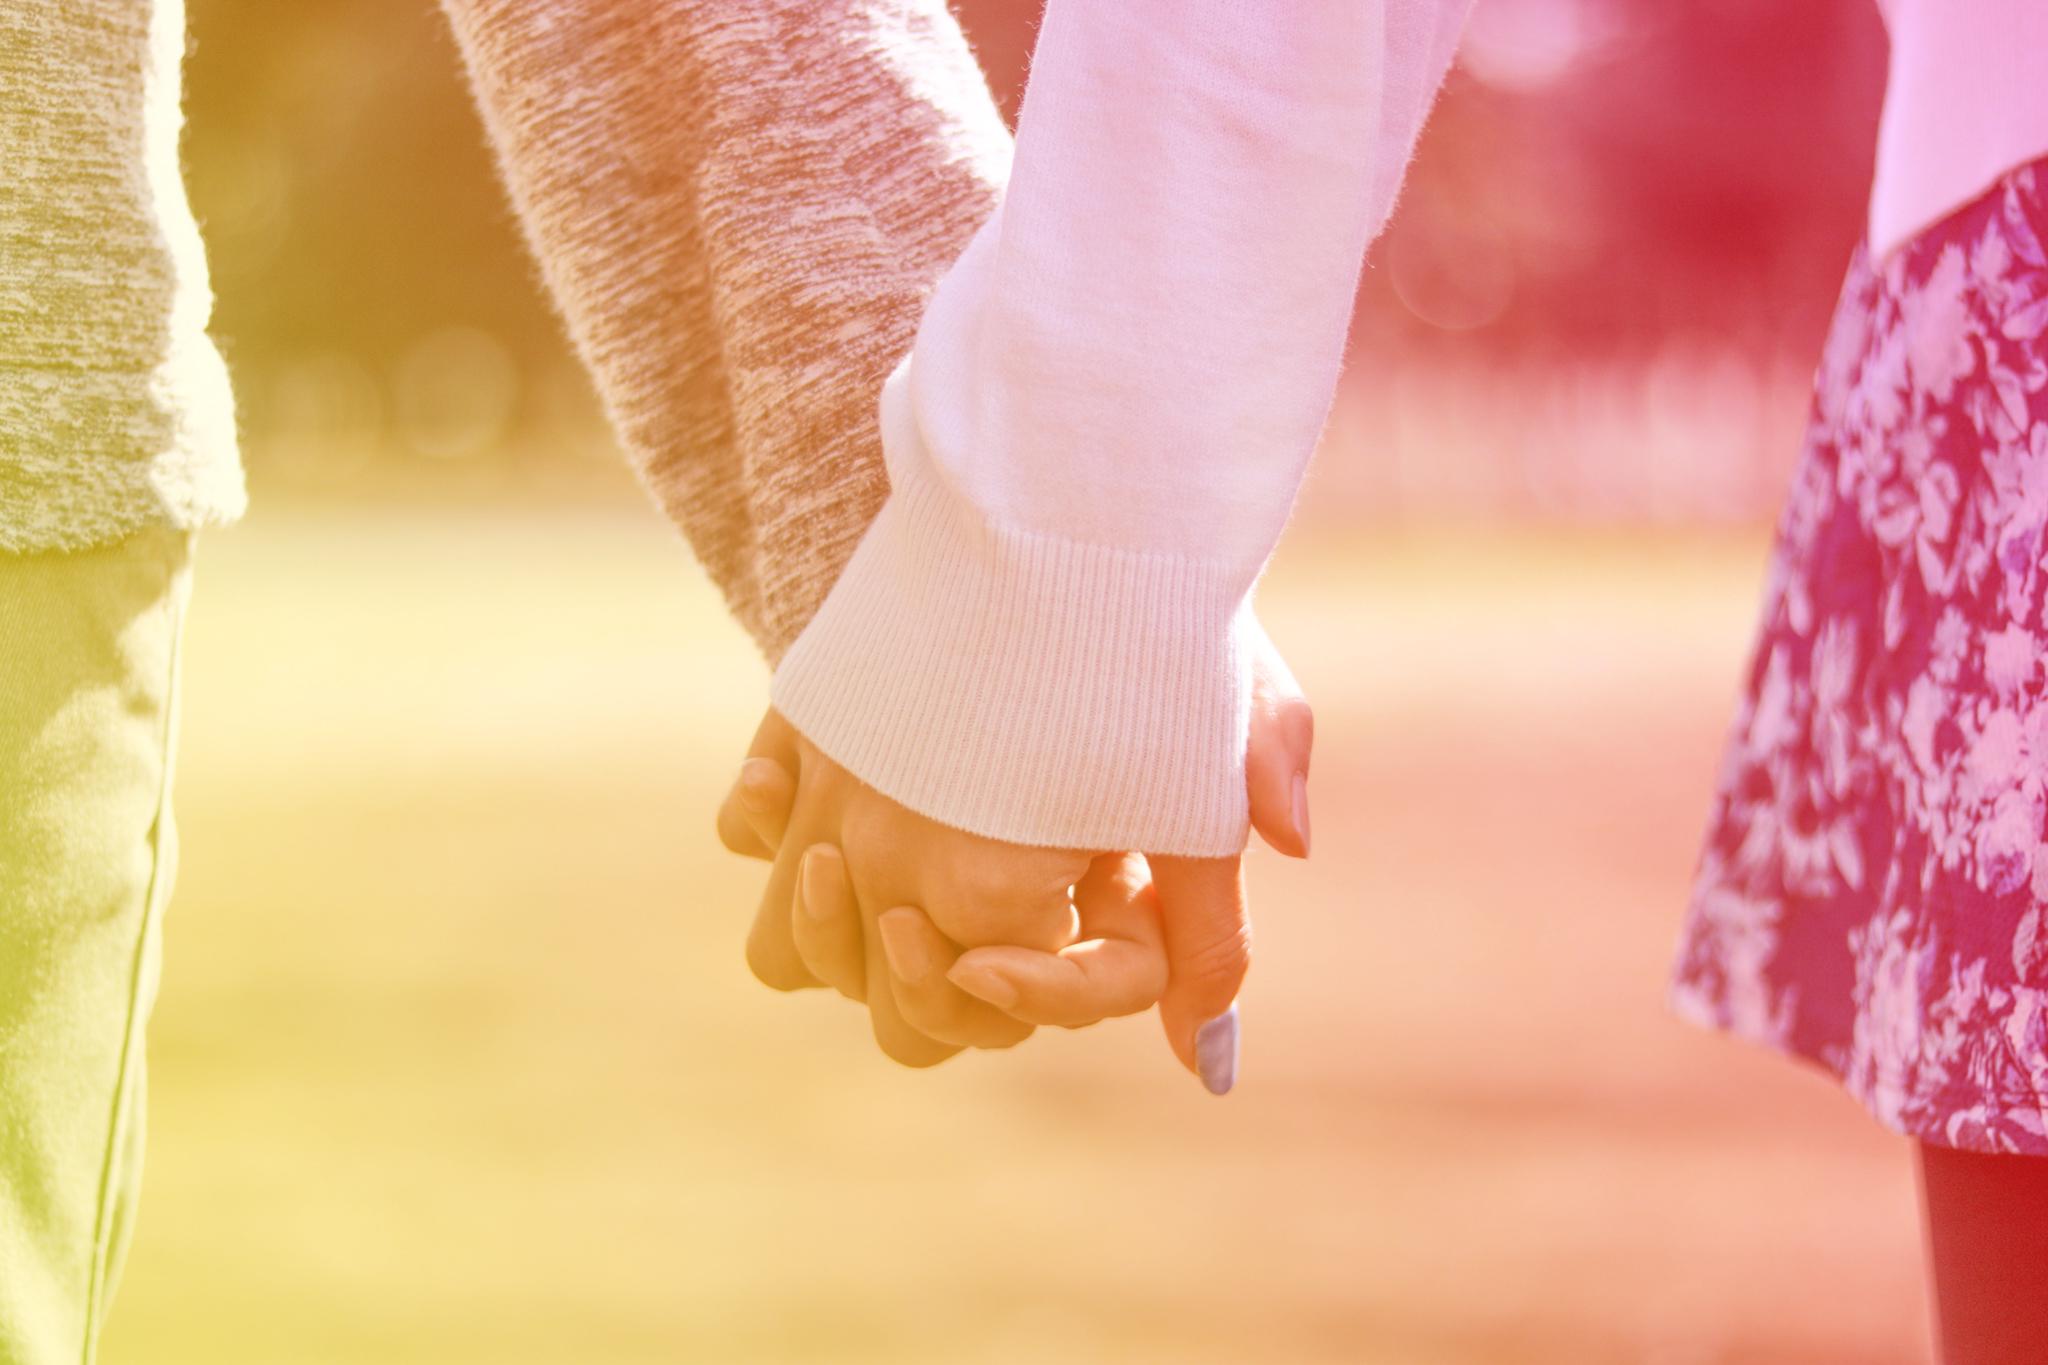 事実婚の定義